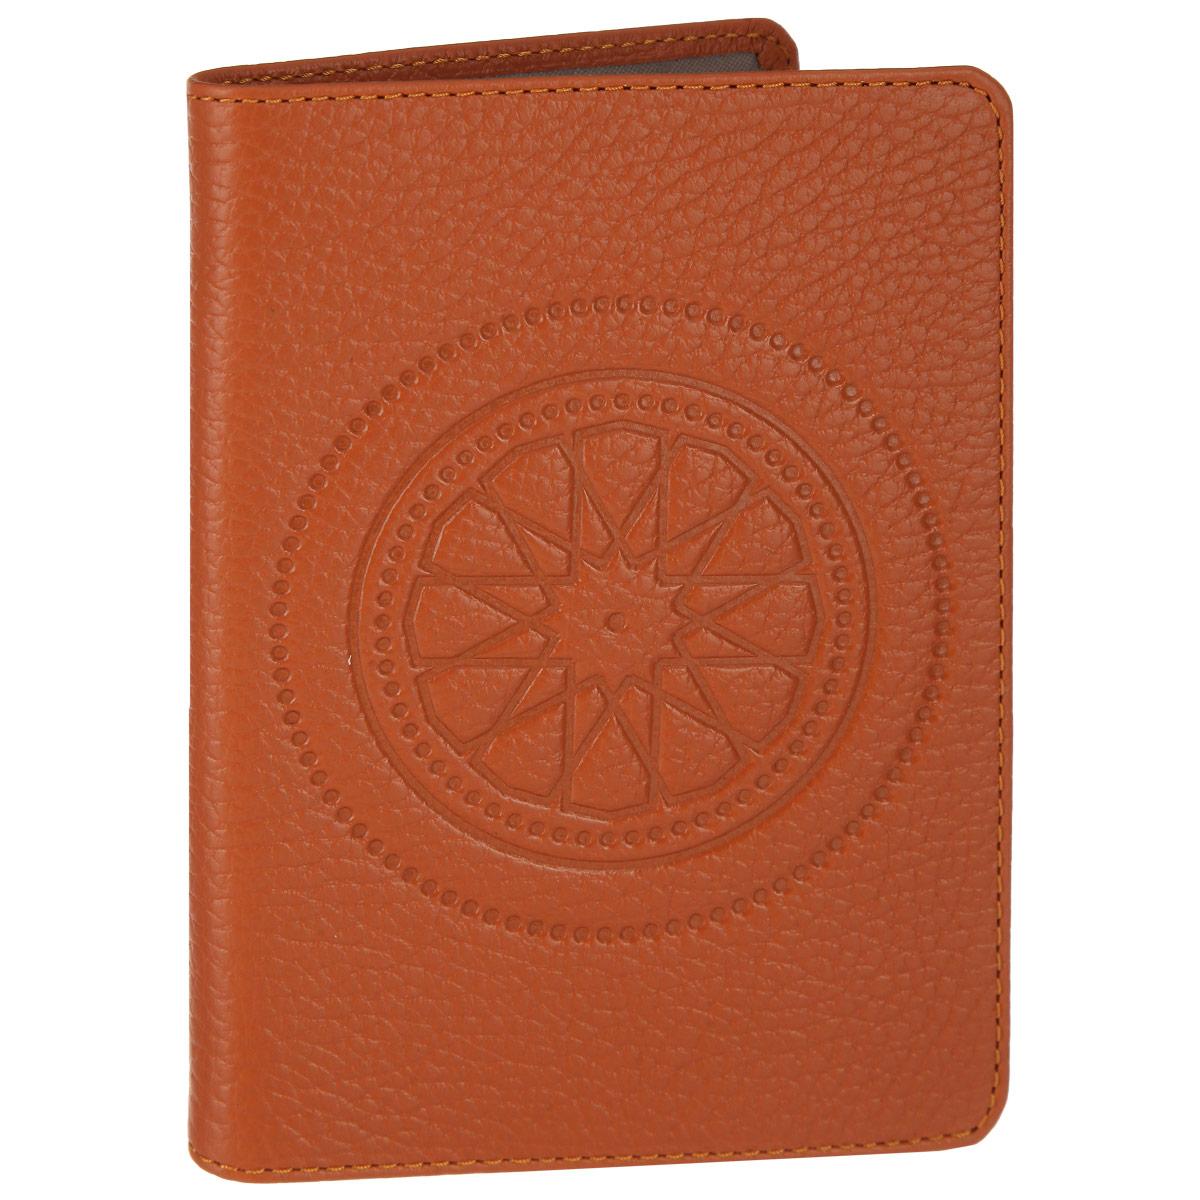 Обложка для паспорта Fabula Talisman, цвет: рыжий. O.65.SNO.65.SN. рыжийСтильная обложка для паспорта Fabula Talisman выполнена из натуральной кожи с зернистой текстурой, оформлена декоративным тиснением. Обложка для паспорта раскладывается пополам, внутри расположены два пластиковых кармашка. Такая обложка для паспорта станет прекрасным и стильным подарком человеку, любящему оригинальные и практичные вещи.